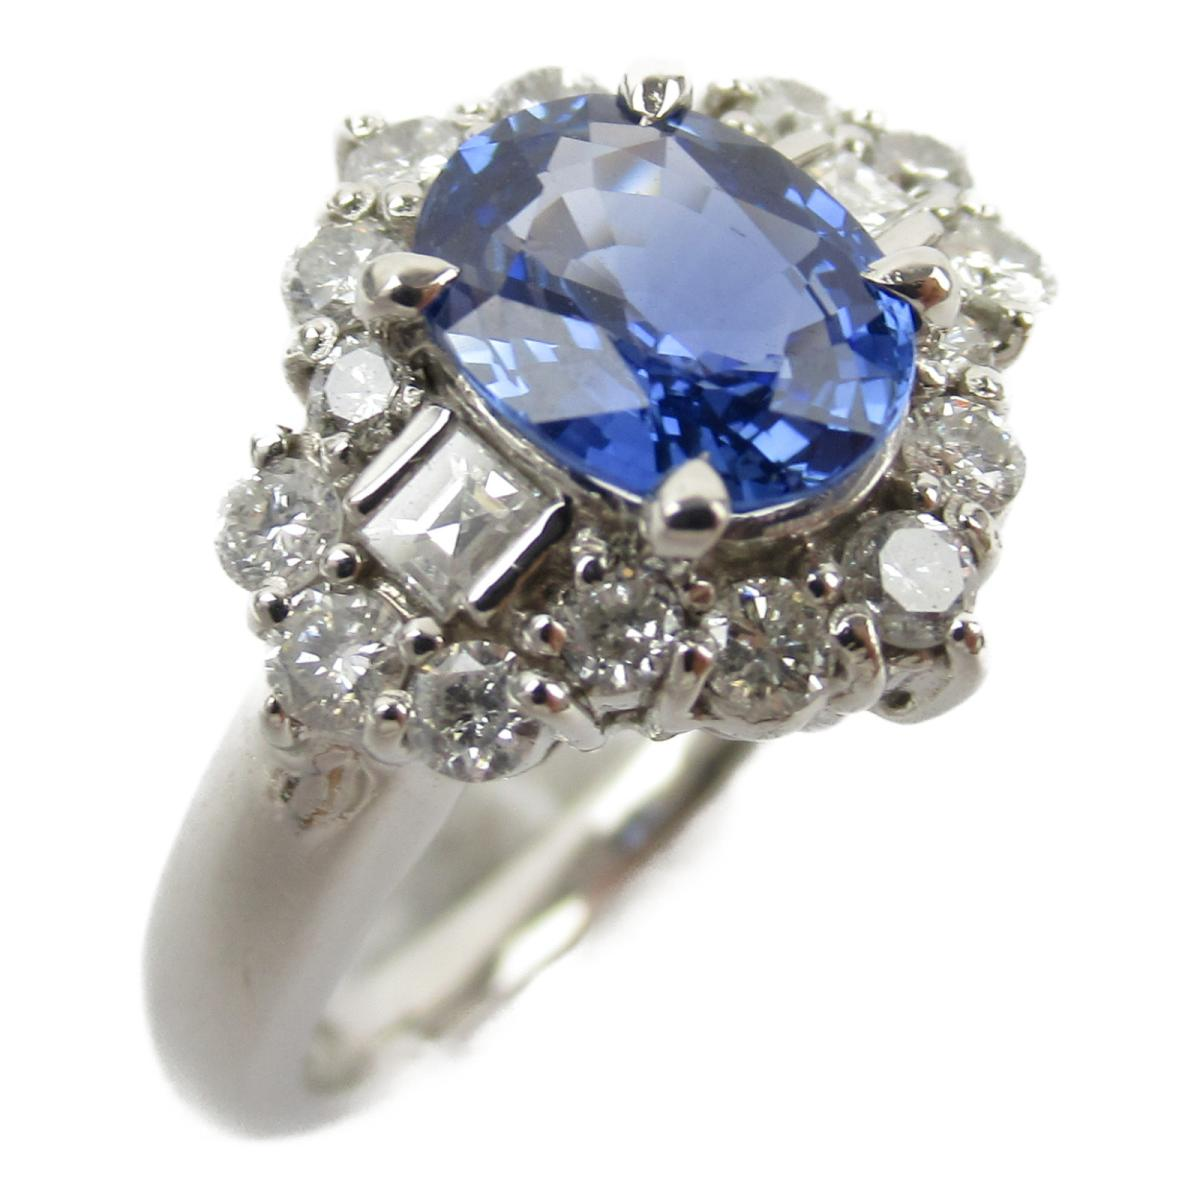 ジュエリー サファイア ダイヤモンド リング 指輪 ノーブランドジュエリー レディース PT900 プラチナ x サファイア1.44/ダイヤモンド0.57ct (サファイア 7.4g) 【中古】 | ブランド